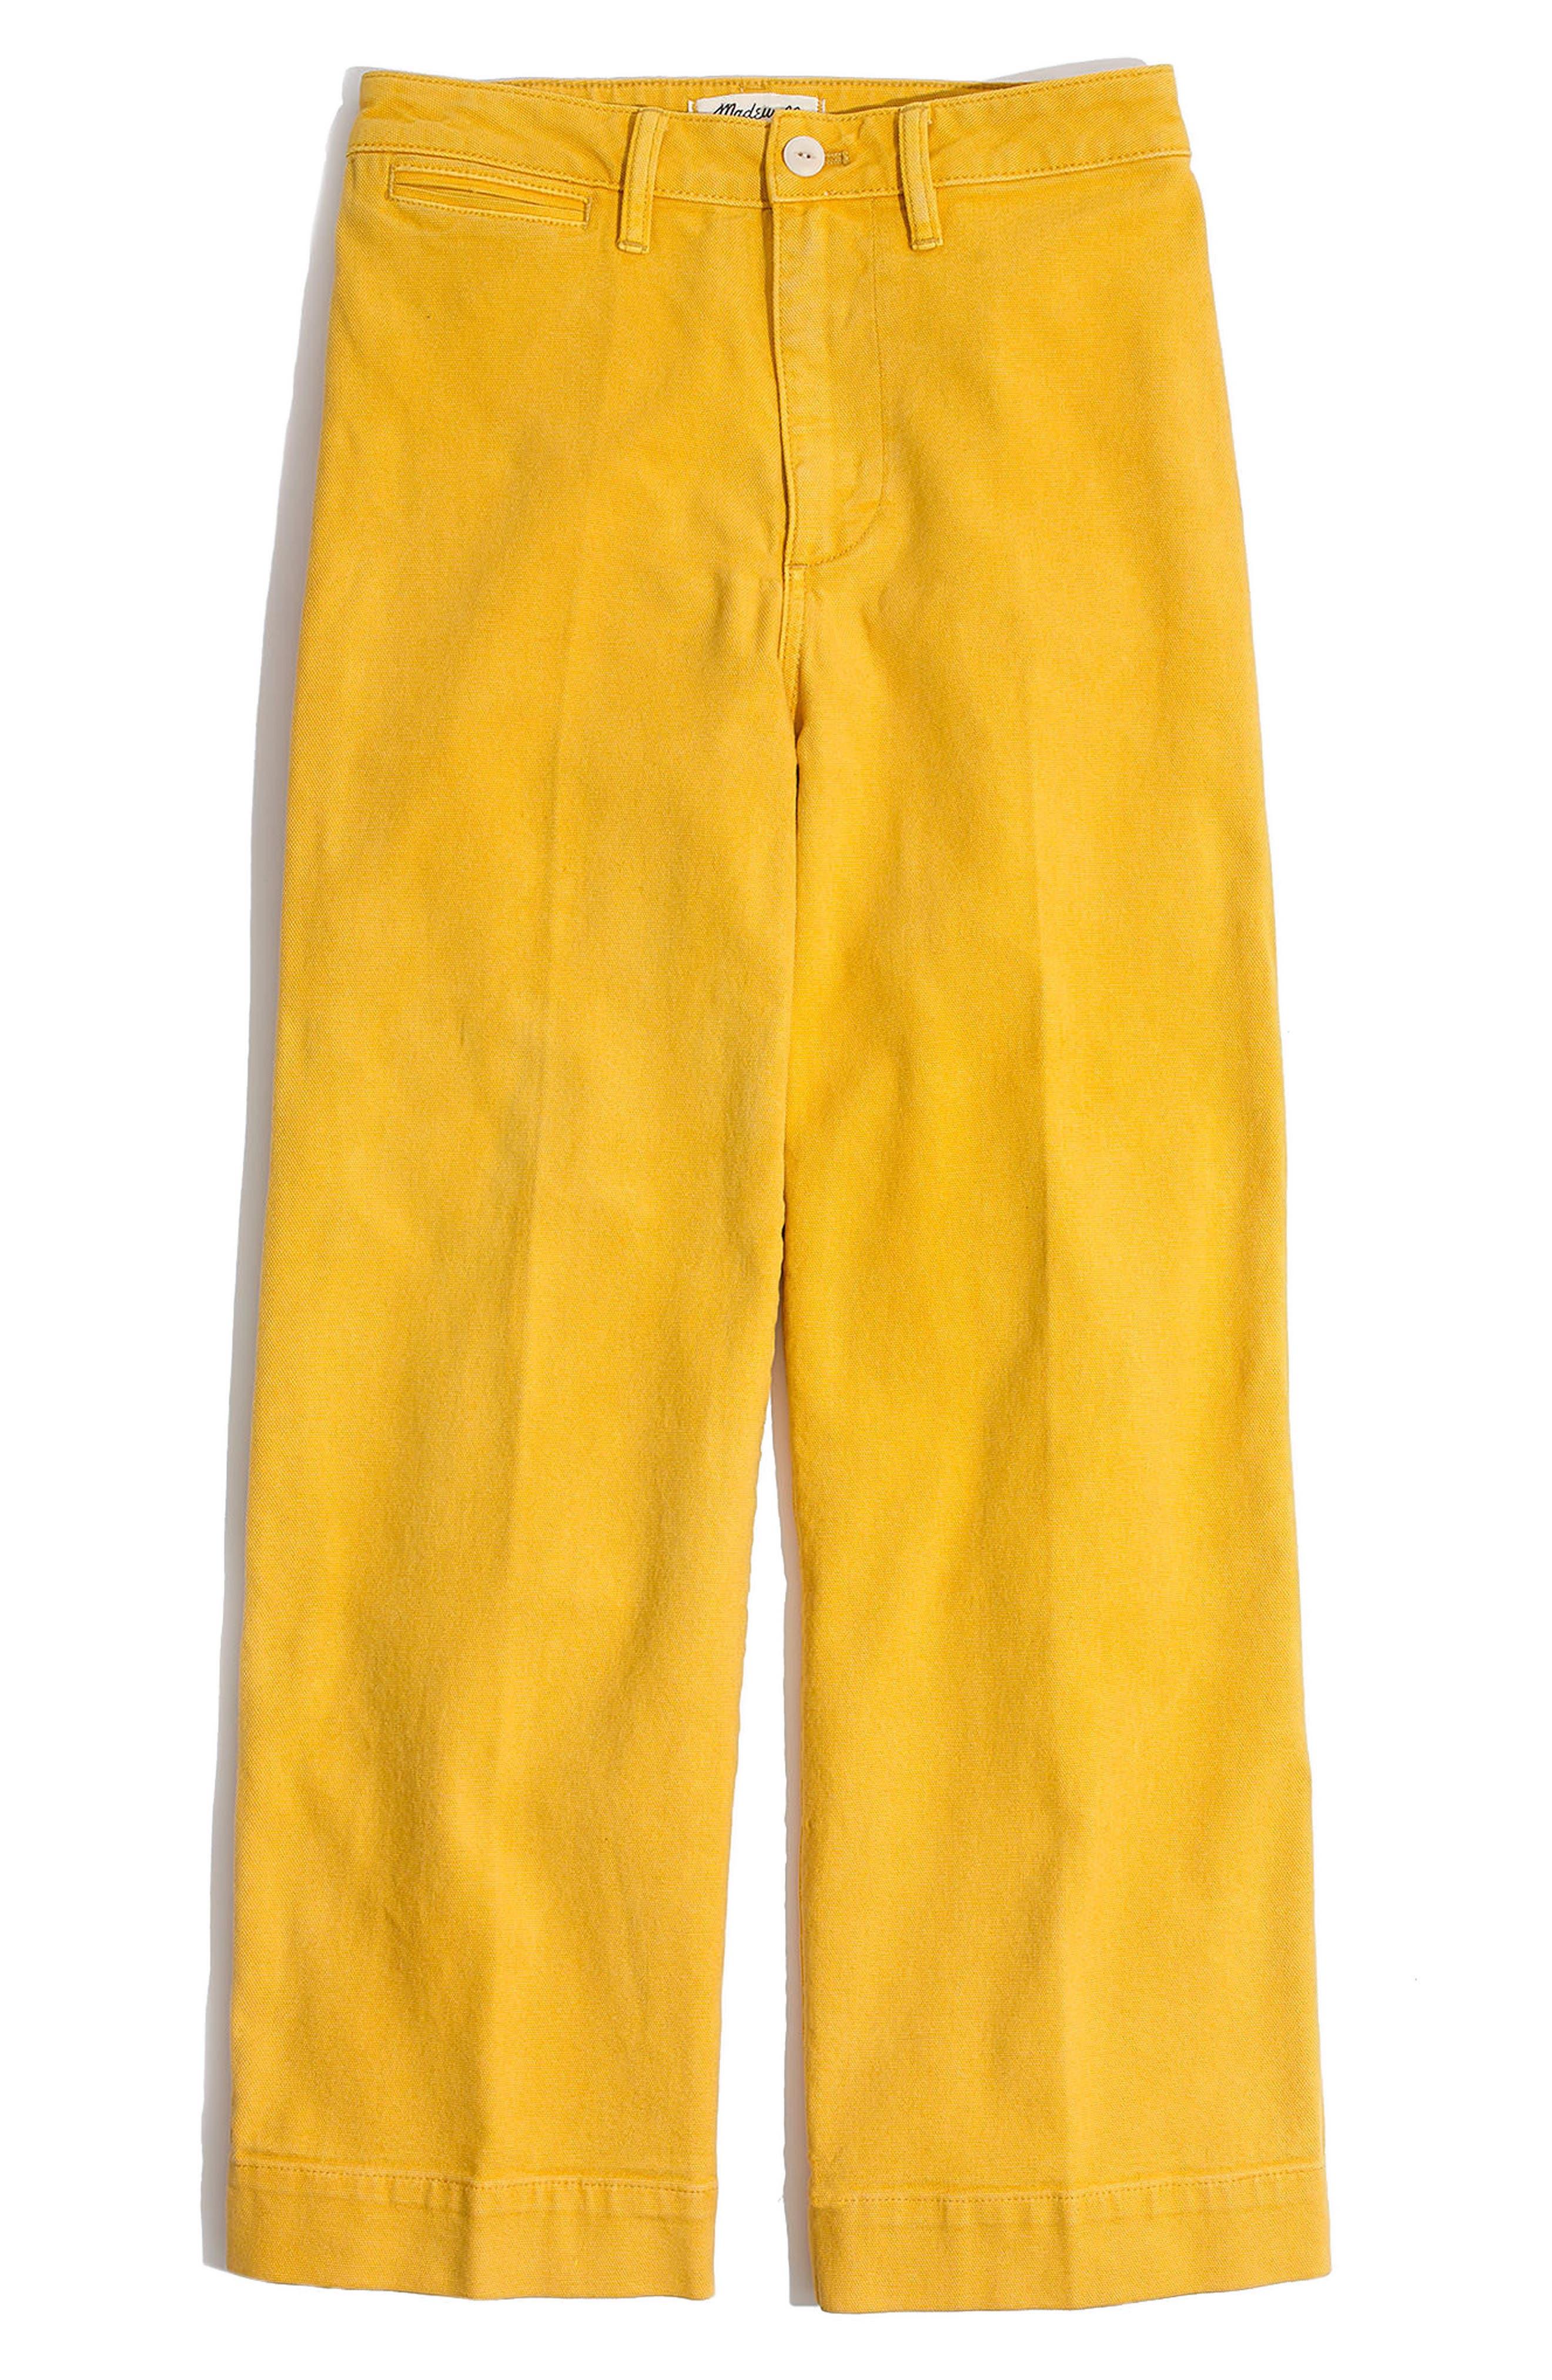 Emmett Crop Wide Leg Pants,                             Main thumbnail 1, color,                             700